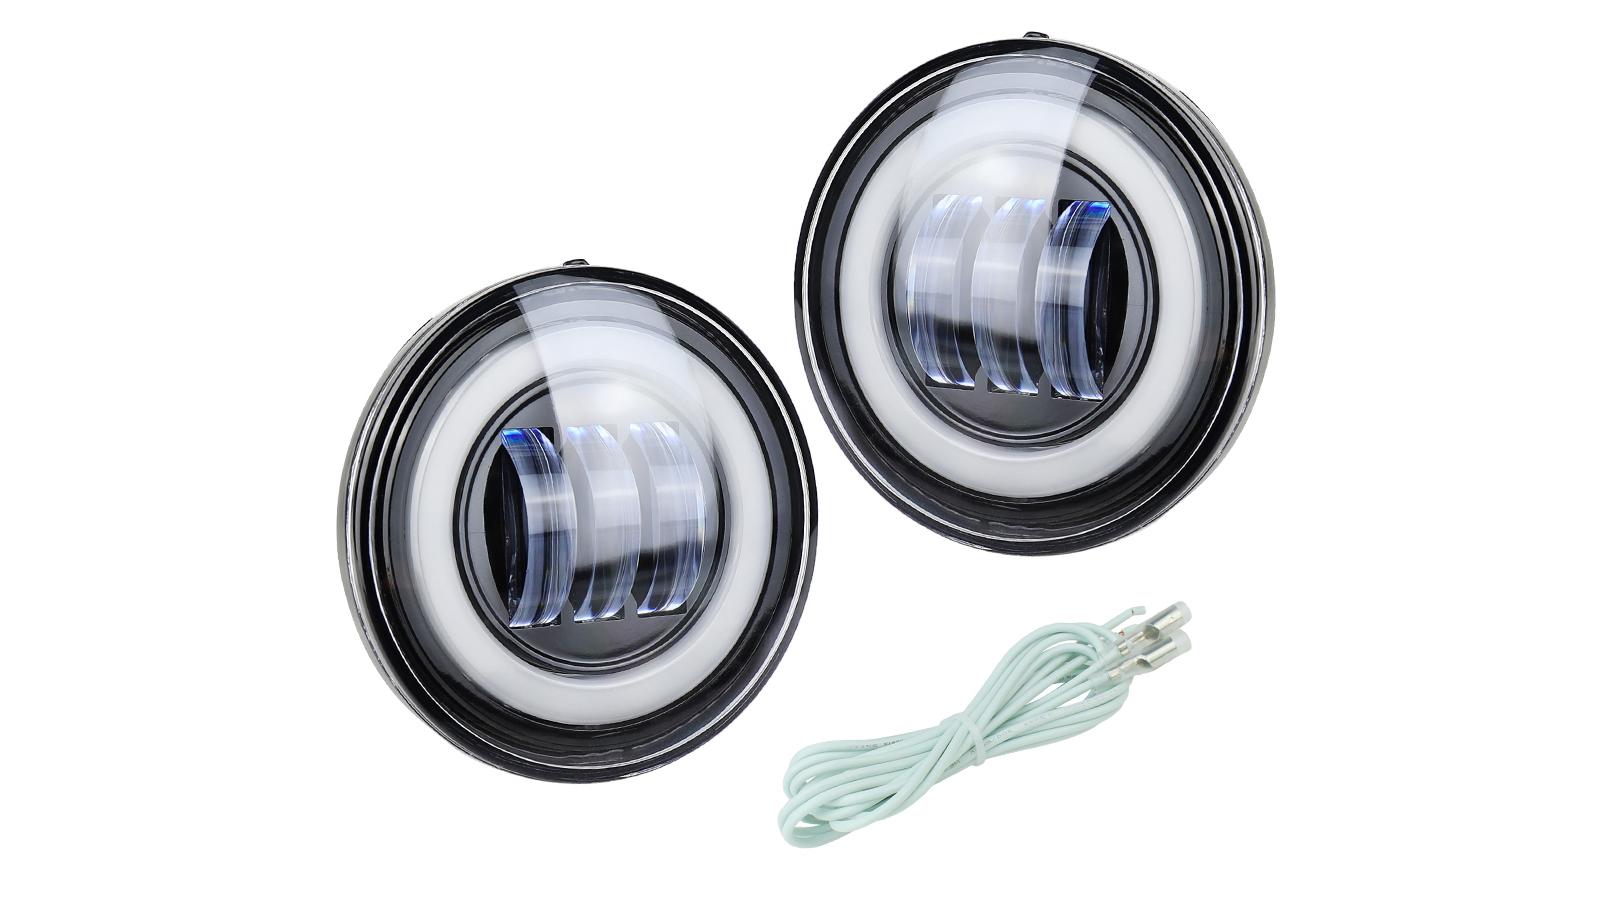 زوج من أجل شيفروليه سيلفرادو 2500 HD / 3500 HD 2015-2019 LED أضواء الضباب DRL Halo مصابيح